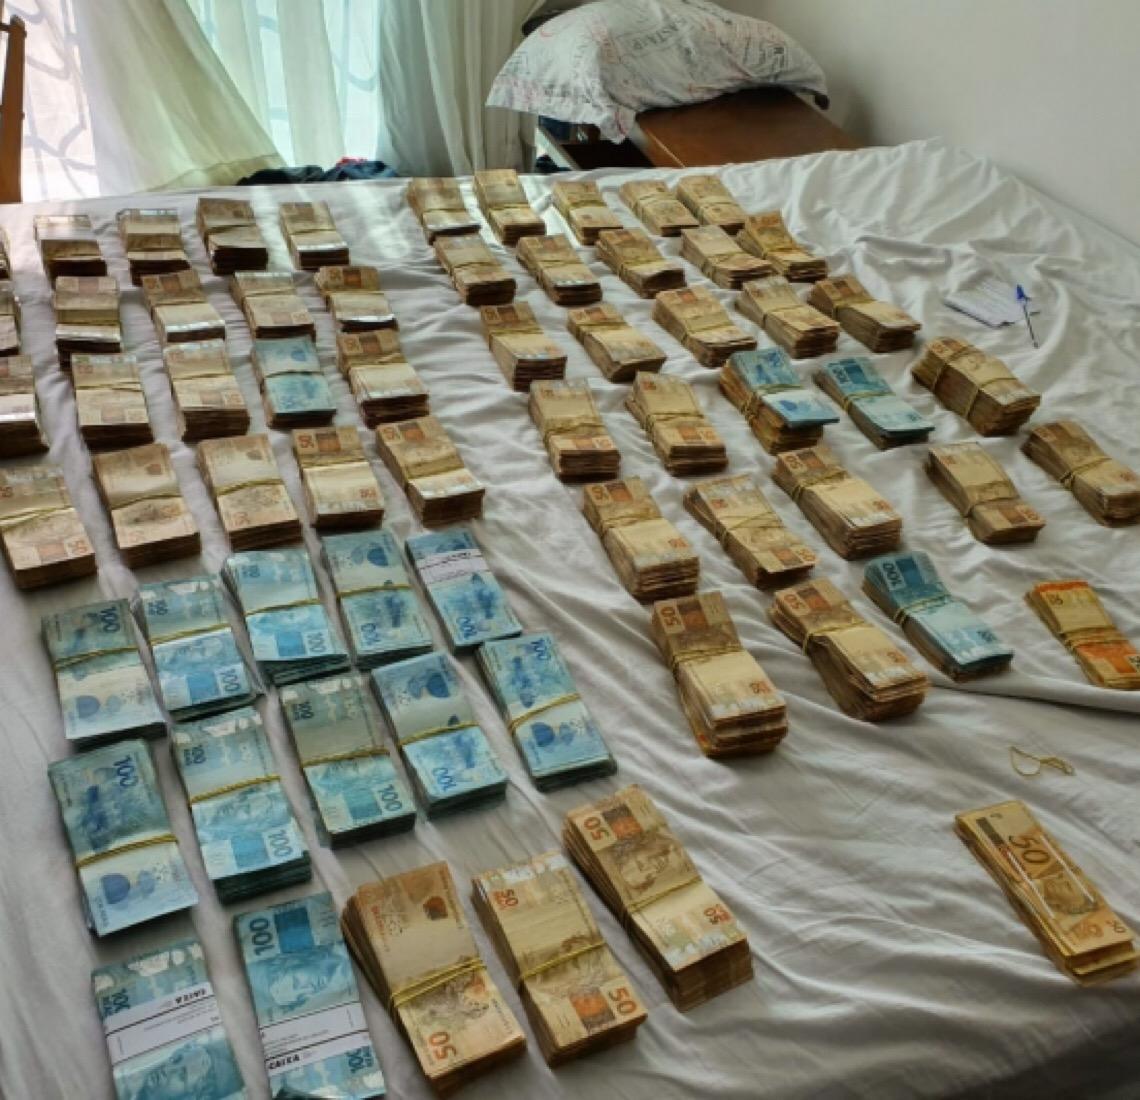 Promotoria pega R$ 600 mil em dinheiro no apartamento de hacker preso em Curitiba